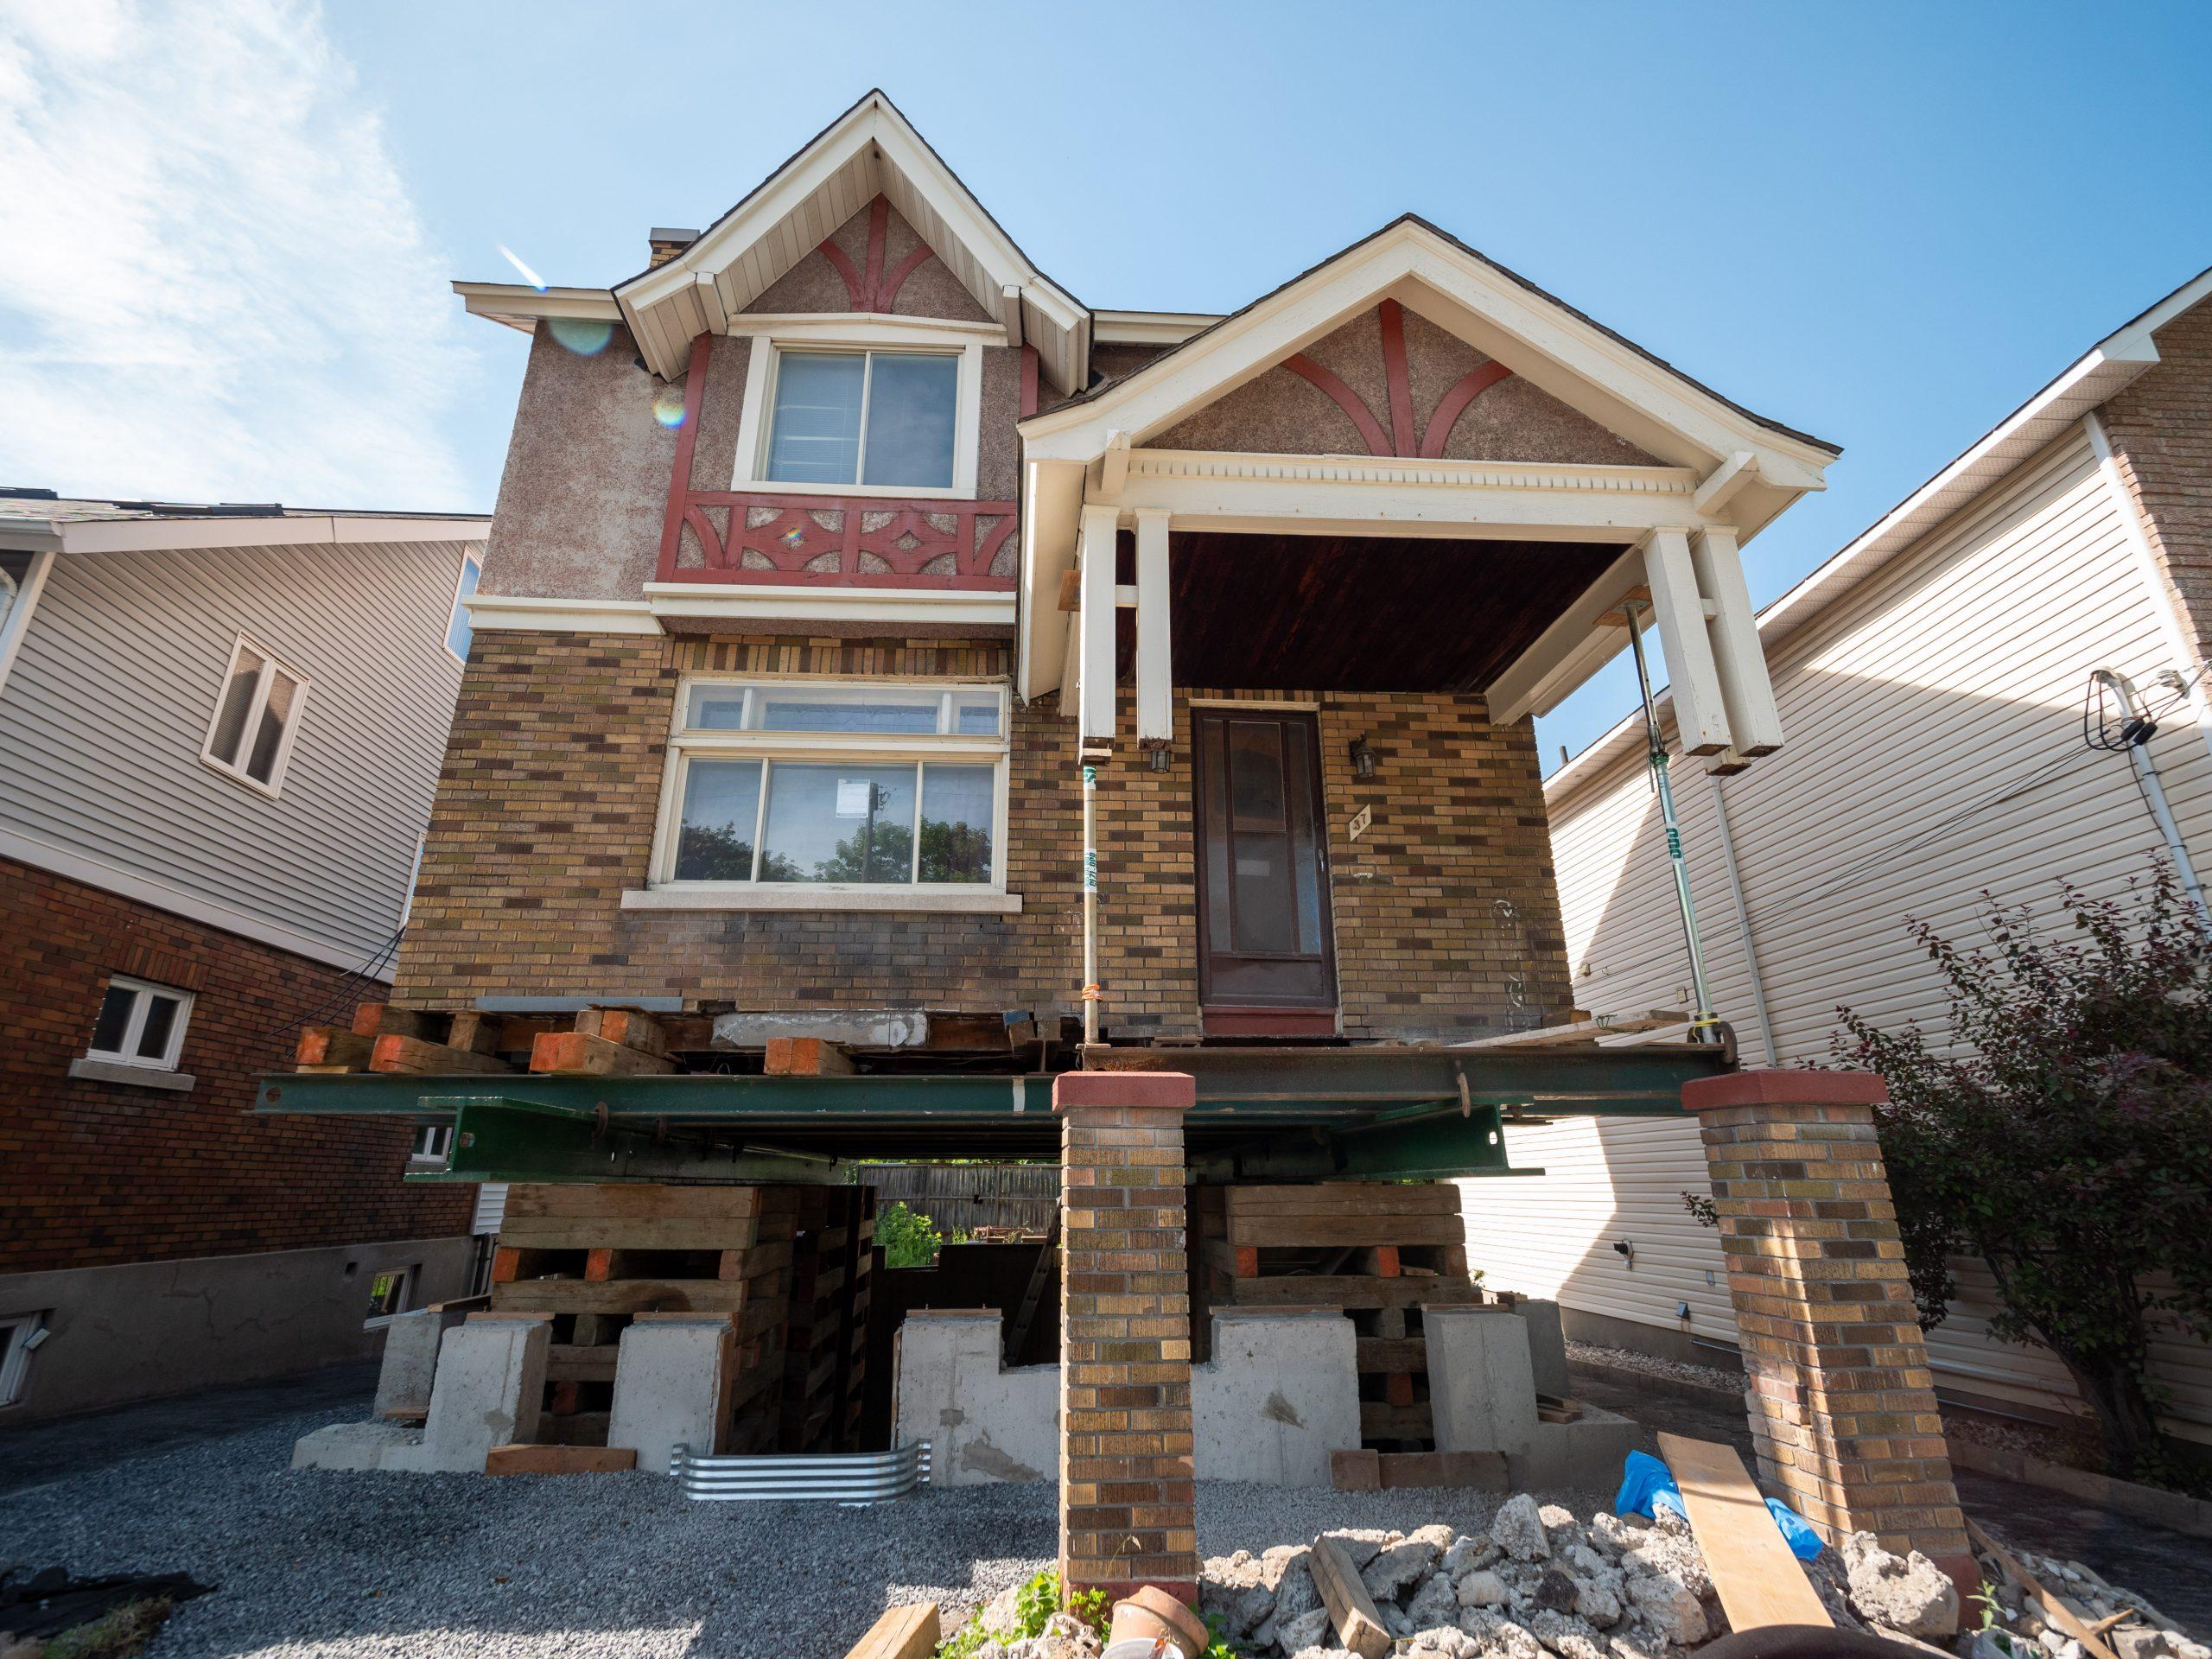 Maison surélevé pour mettre de pieux Ottawa, Canada